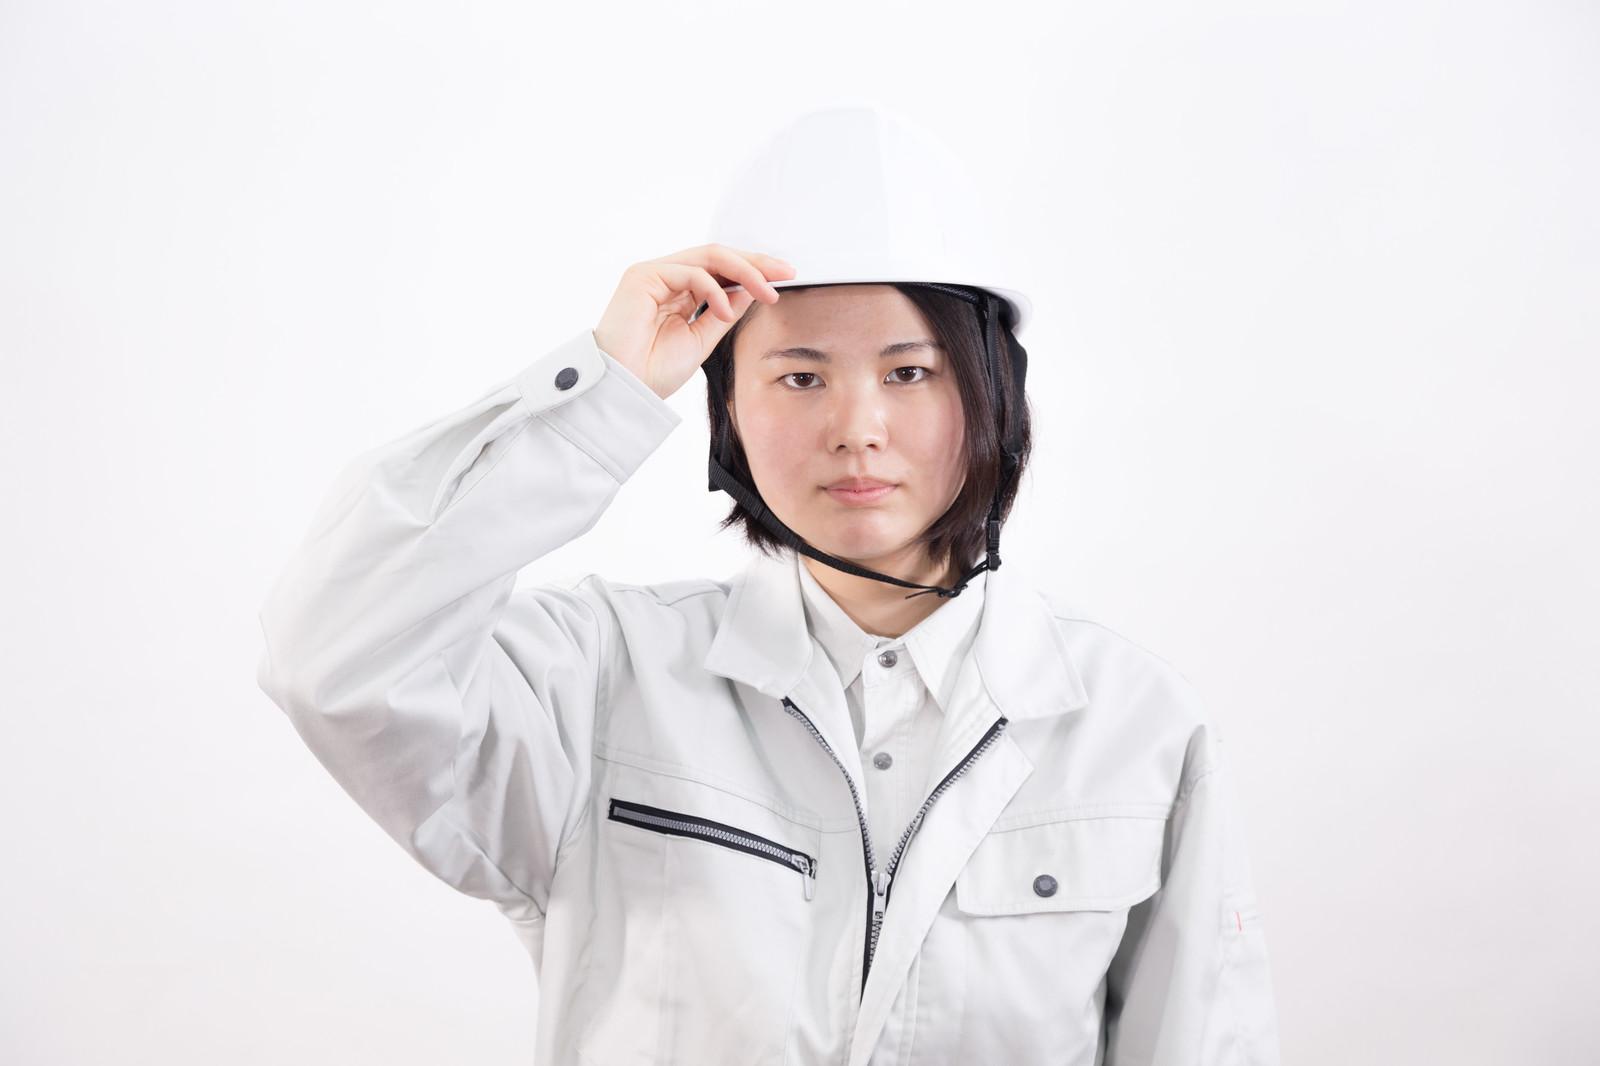 会社名非公開/【東京】正社員・管工事務担当者・賞与年2回・年間休日120日・未経験者歓迎・20代・30代の若手メンバーがキャリアアップして活躍しています